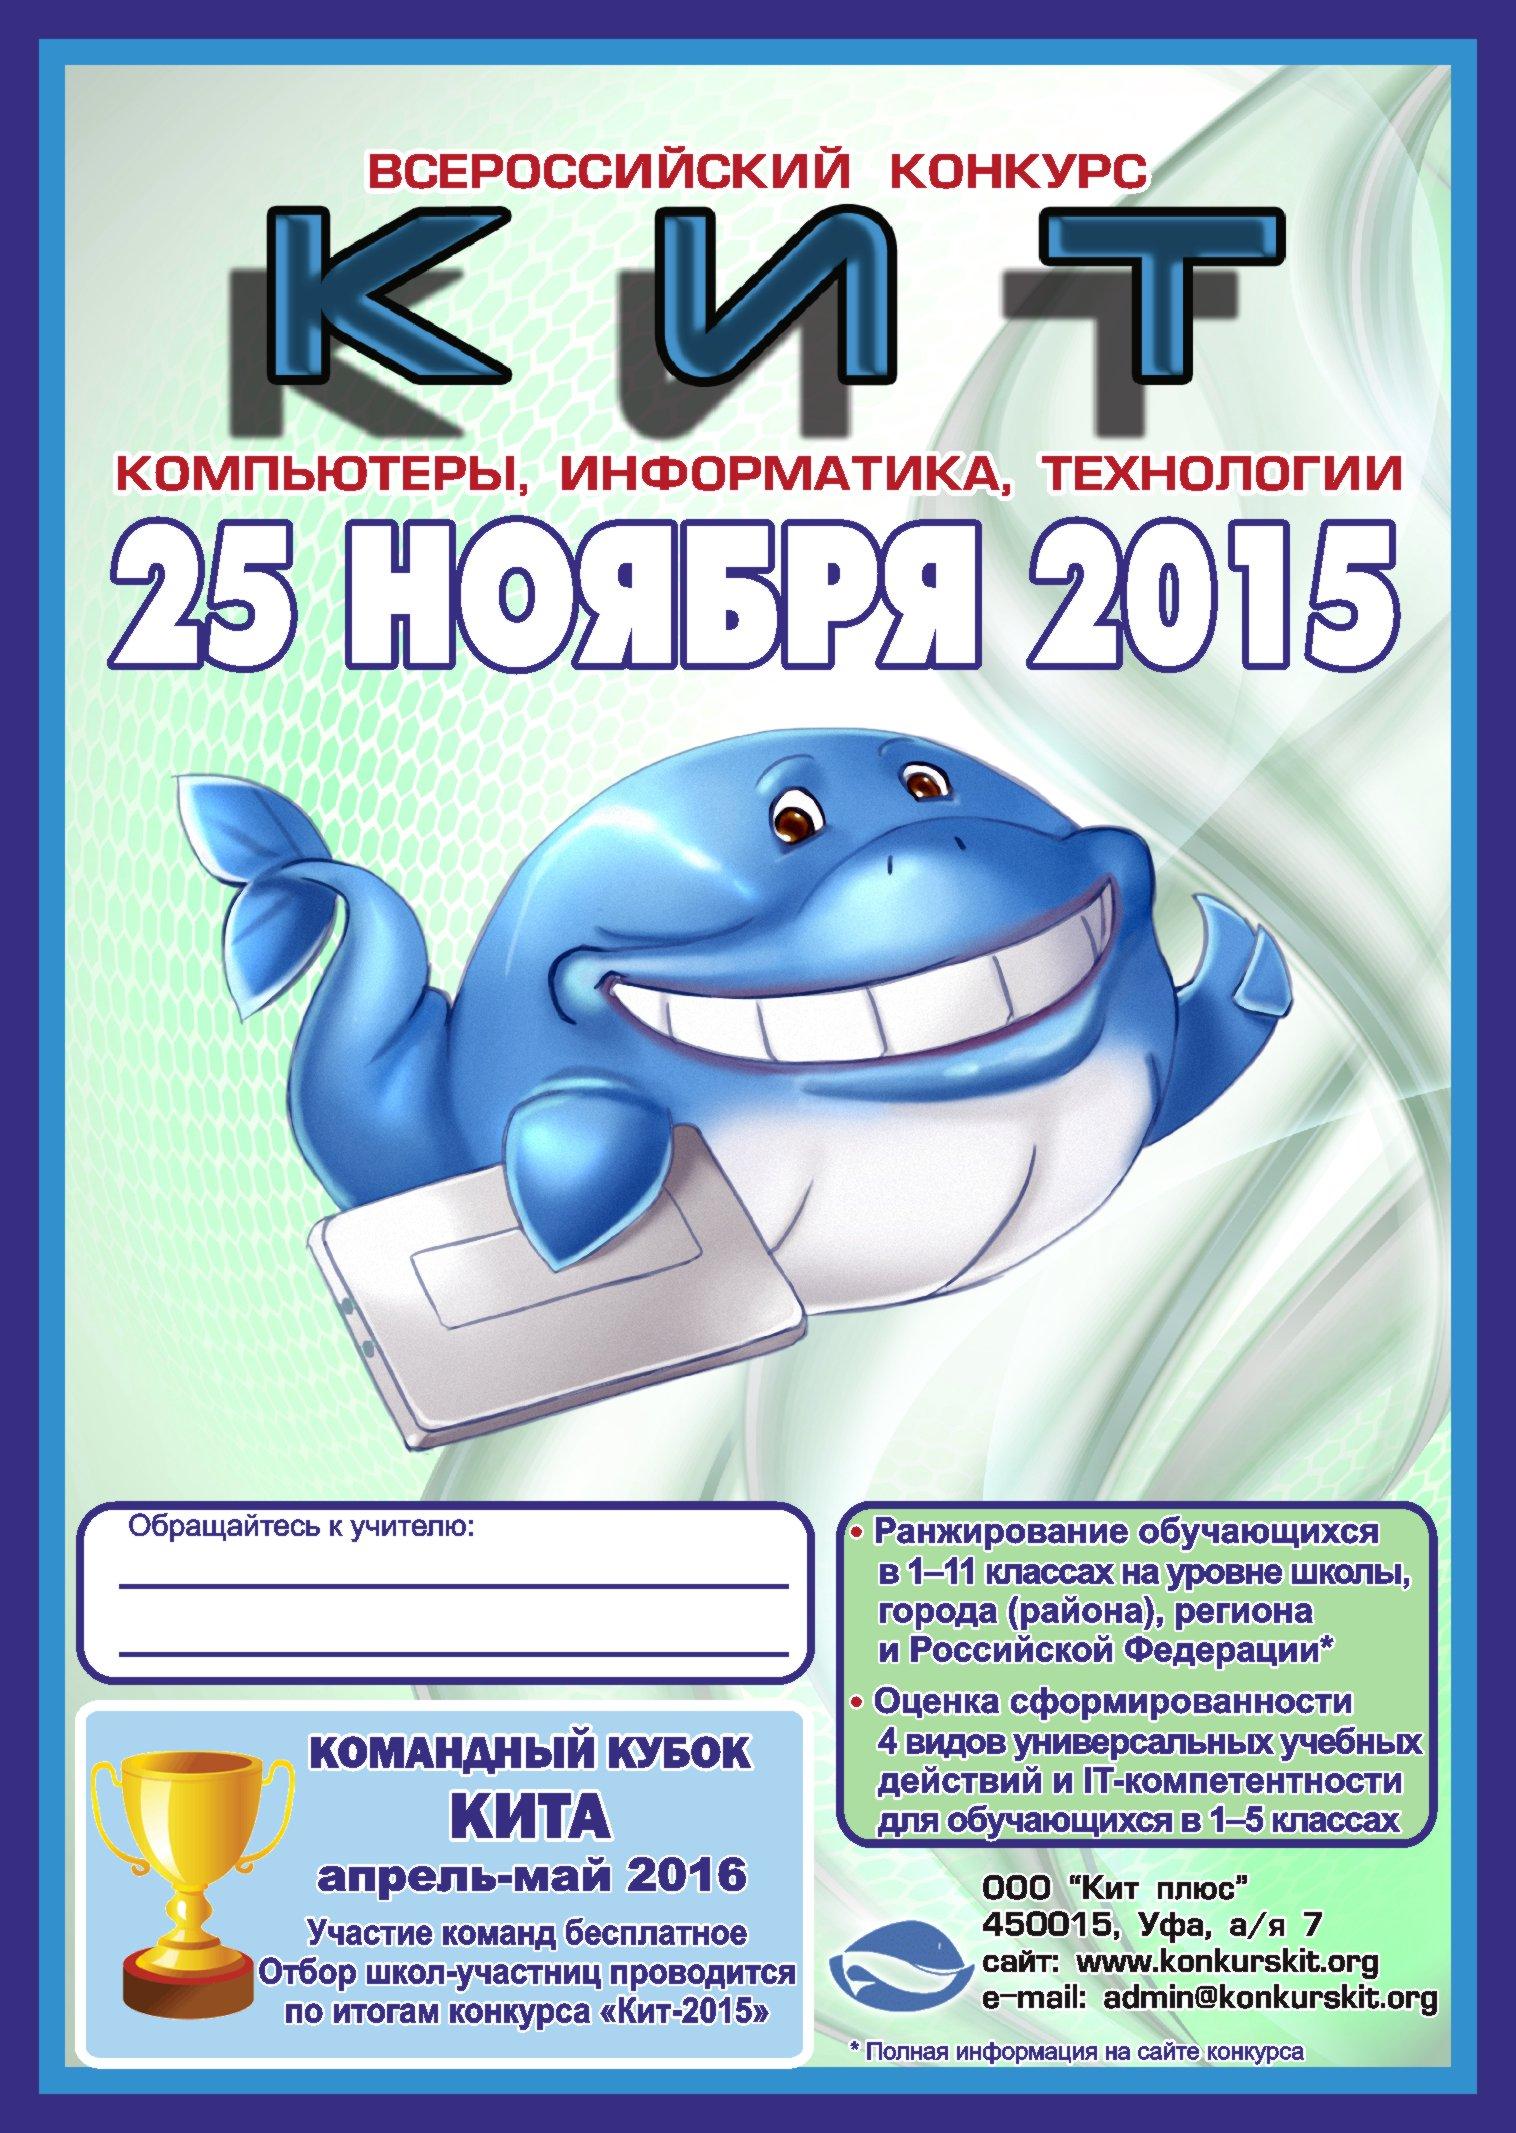 Сайт всероссийский конкурс кит